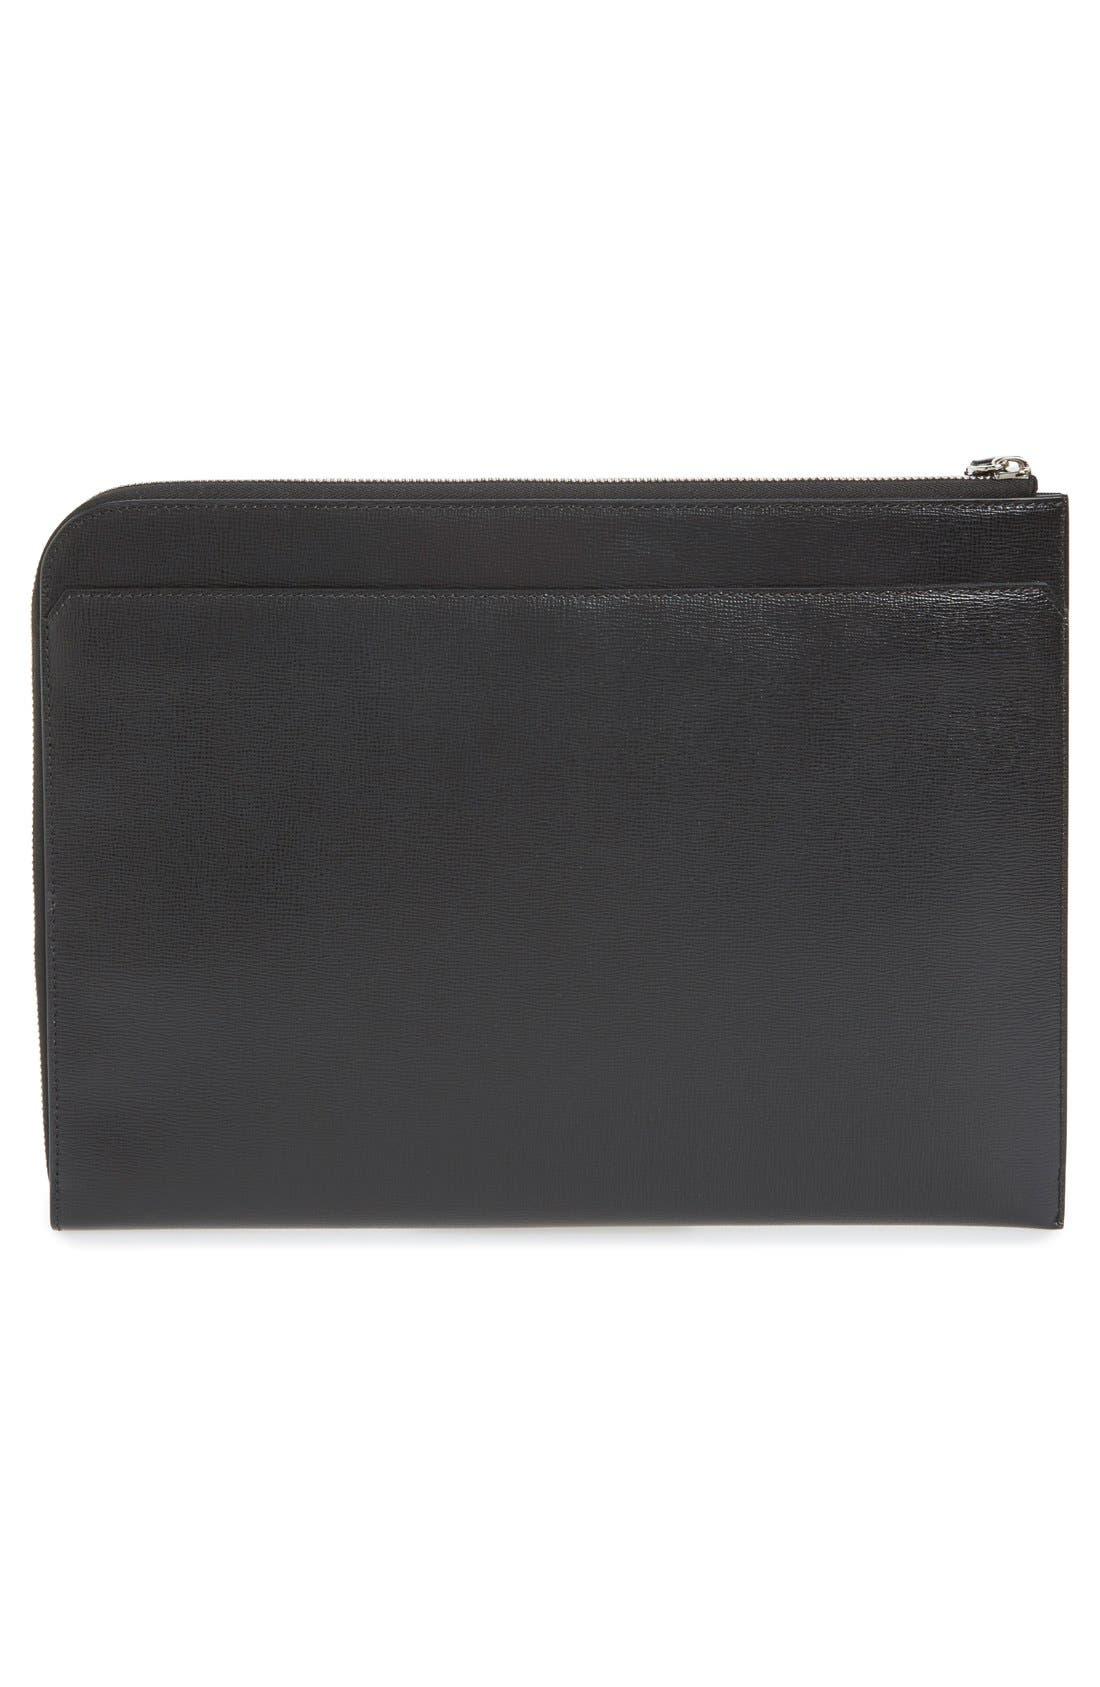 Calfskin Leather Document Holder,                             Alternate thumbnail 4, color,                             001